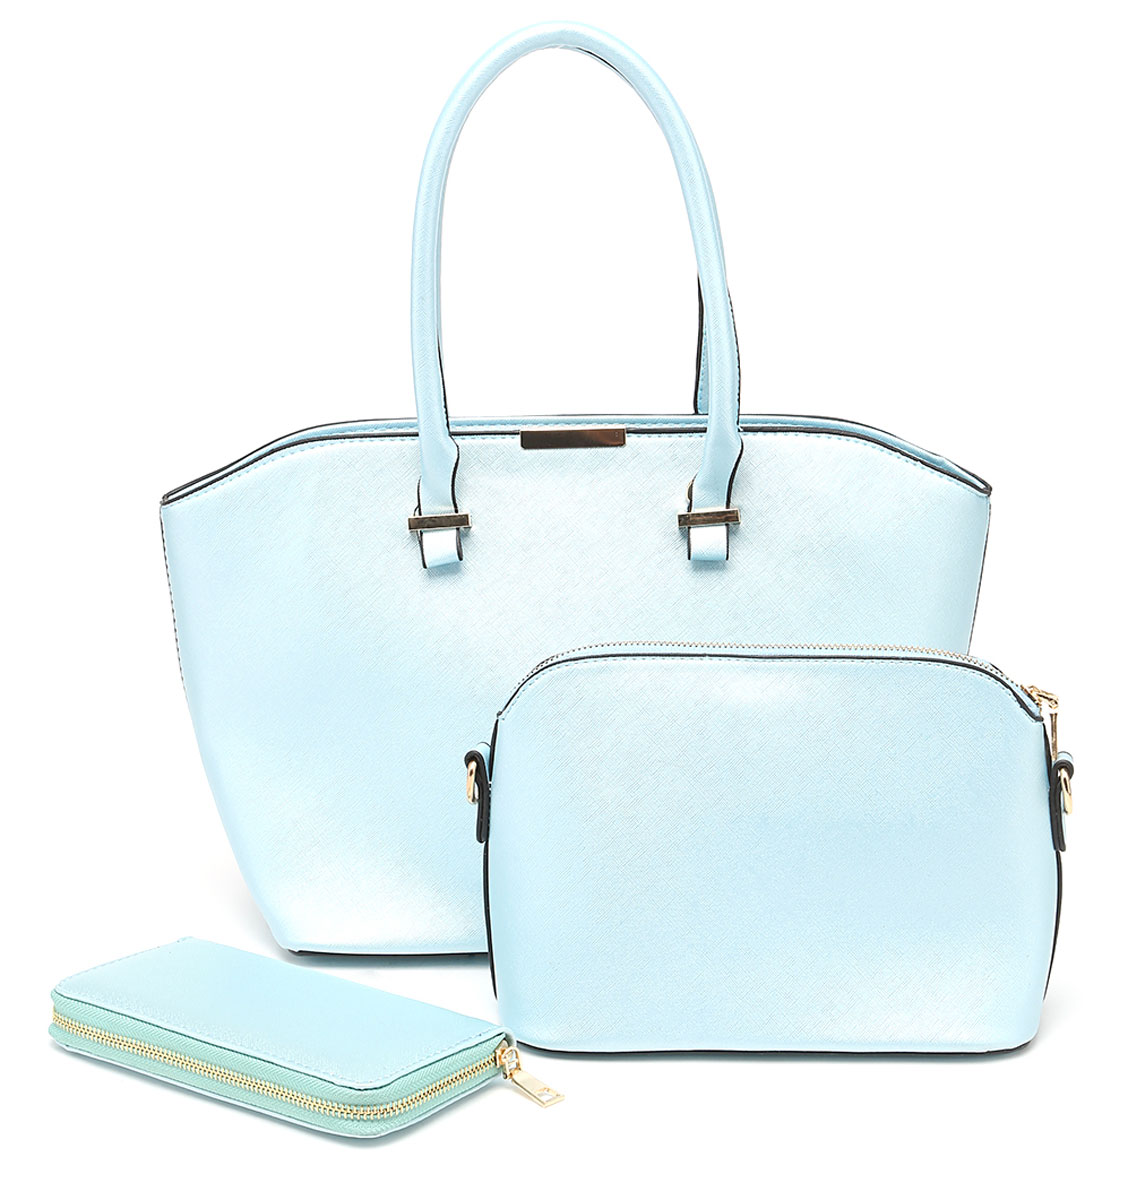 Комплект женский DDA, 3 предмета, цвет: голубой. WB-1008ML597BUL/DКомплект DDA состоит из большой сумки, маленькой сумочки-клатча и кошелька. Изделия изготовлены из качественной экокожи. Большая сумка закрывается на застежку-молнию. Сумка содержит одно отделение, в котором расположены два открытых накладных кармана и один врезной на молнии. С внешней задней стороны сумки - врезной карман на застежке-молнии. Модель дополнена двумя прочными ручками на металлической фурнитуре. Маленькая сумка-клатч закрывается на застежку-молнию. Сумка содержит одно отделение, в котором расположены два открытых накладных кармана и один врезной карман на молнии. В комплекте два съемных ремня с застежками-карабинами. Короткий ремень выполнен из экокожи и прочных металлических цепей. Длинный ремень из экокожи регулируется по длине. Удобный женский кошелек застегивается на металлическую молнию. Кошелек разделен карманом-средником на молнии и содержит восемь отделений для карточек или визиток.